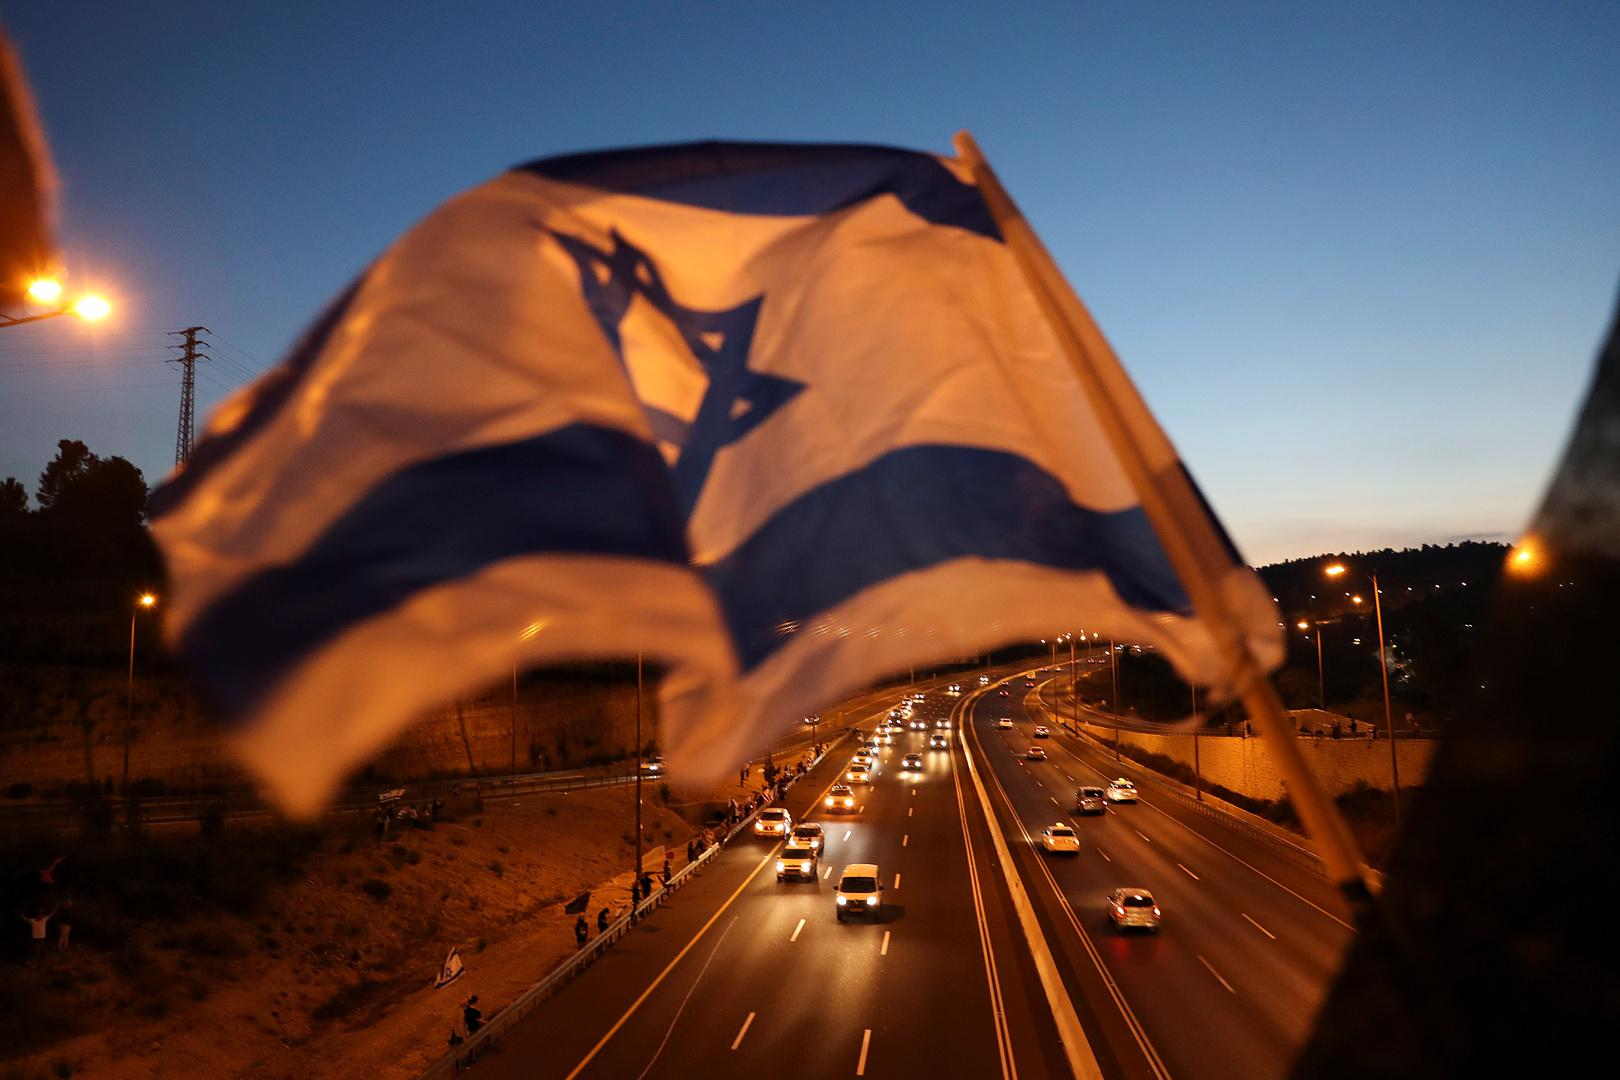 إسرائيل تقرر عدم السماح بنقل الأموال القطرية إلى